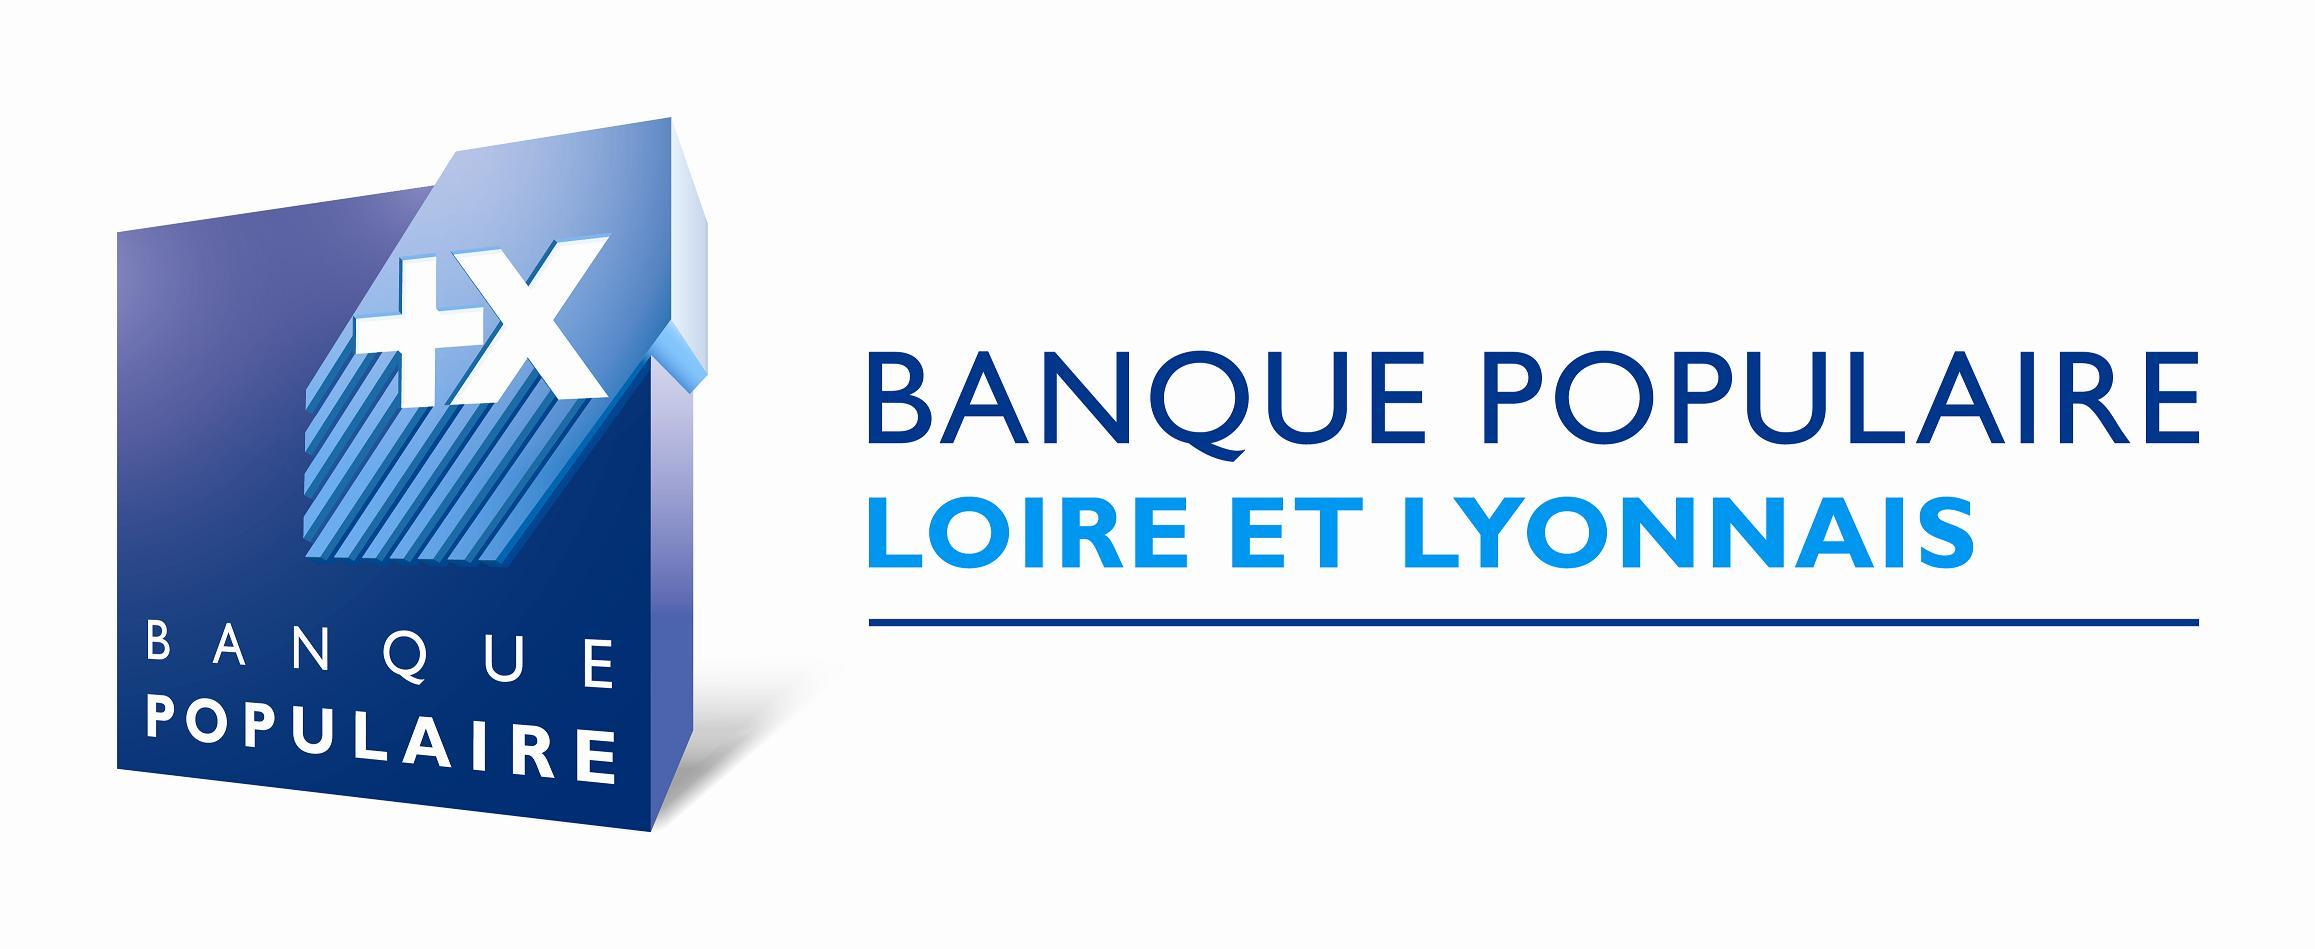 Tarifs De La Banque Populaire Loire Et Lyonnais